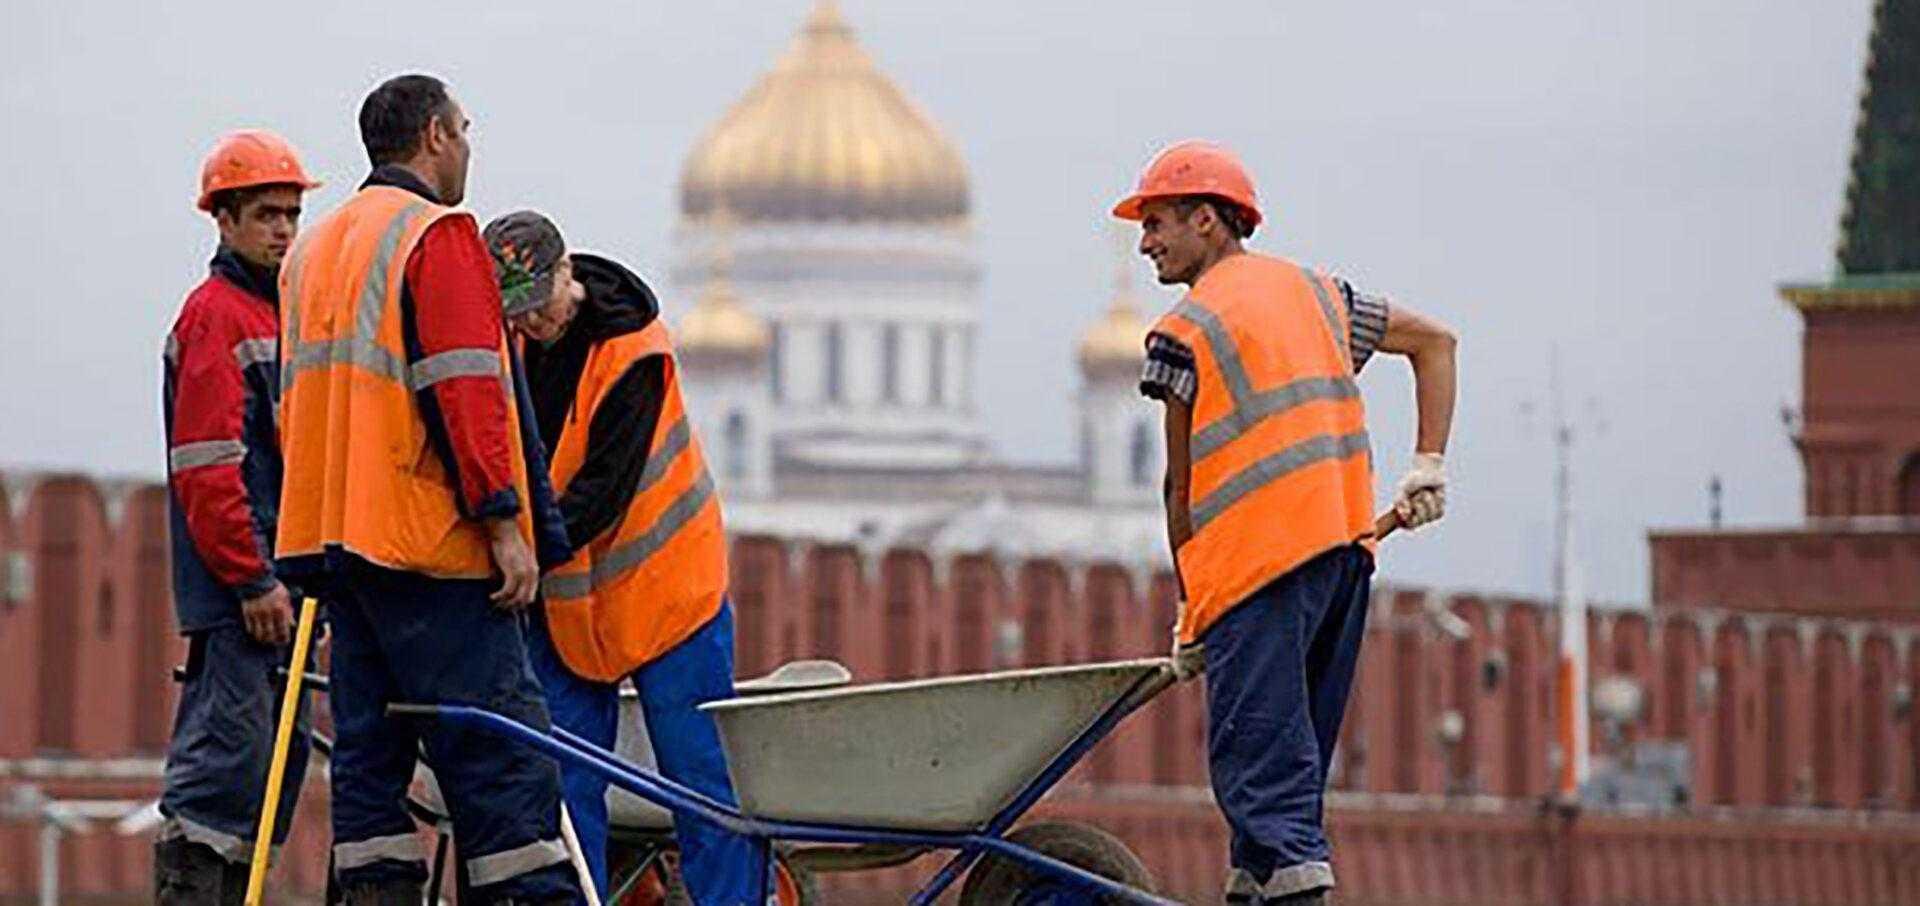 Жириновский предложил ограничить въезд мигрантов в РФ